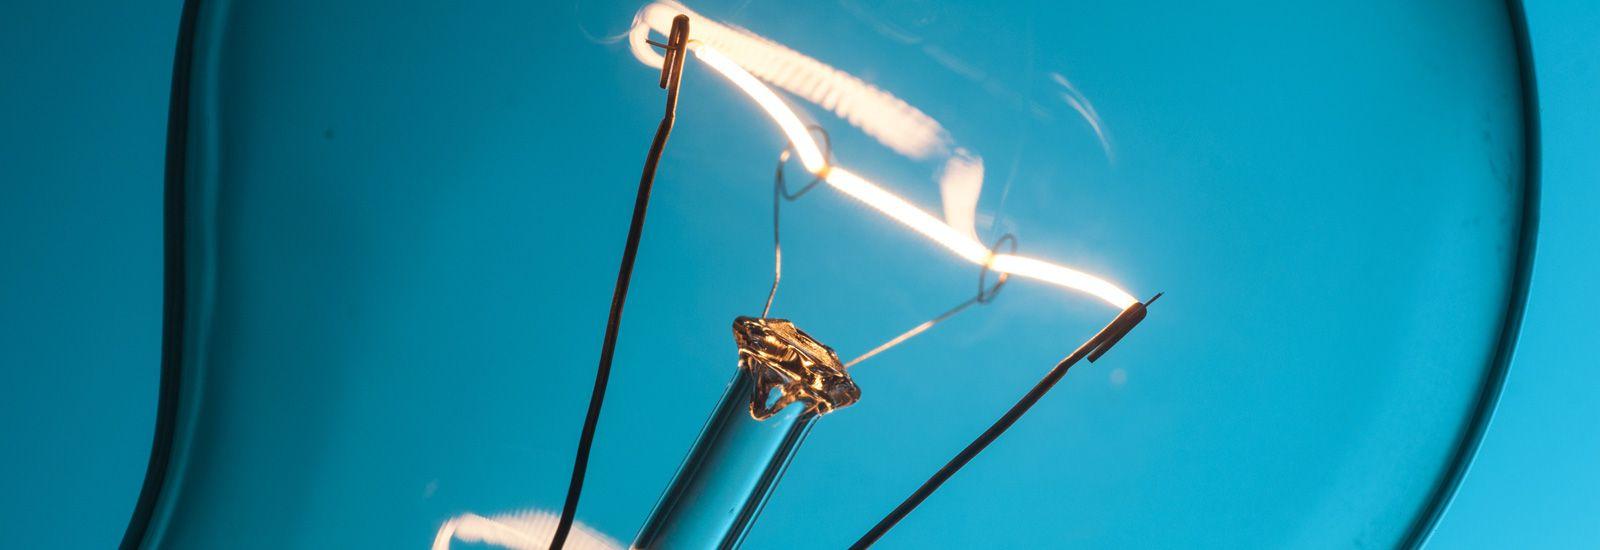 Bulb slider